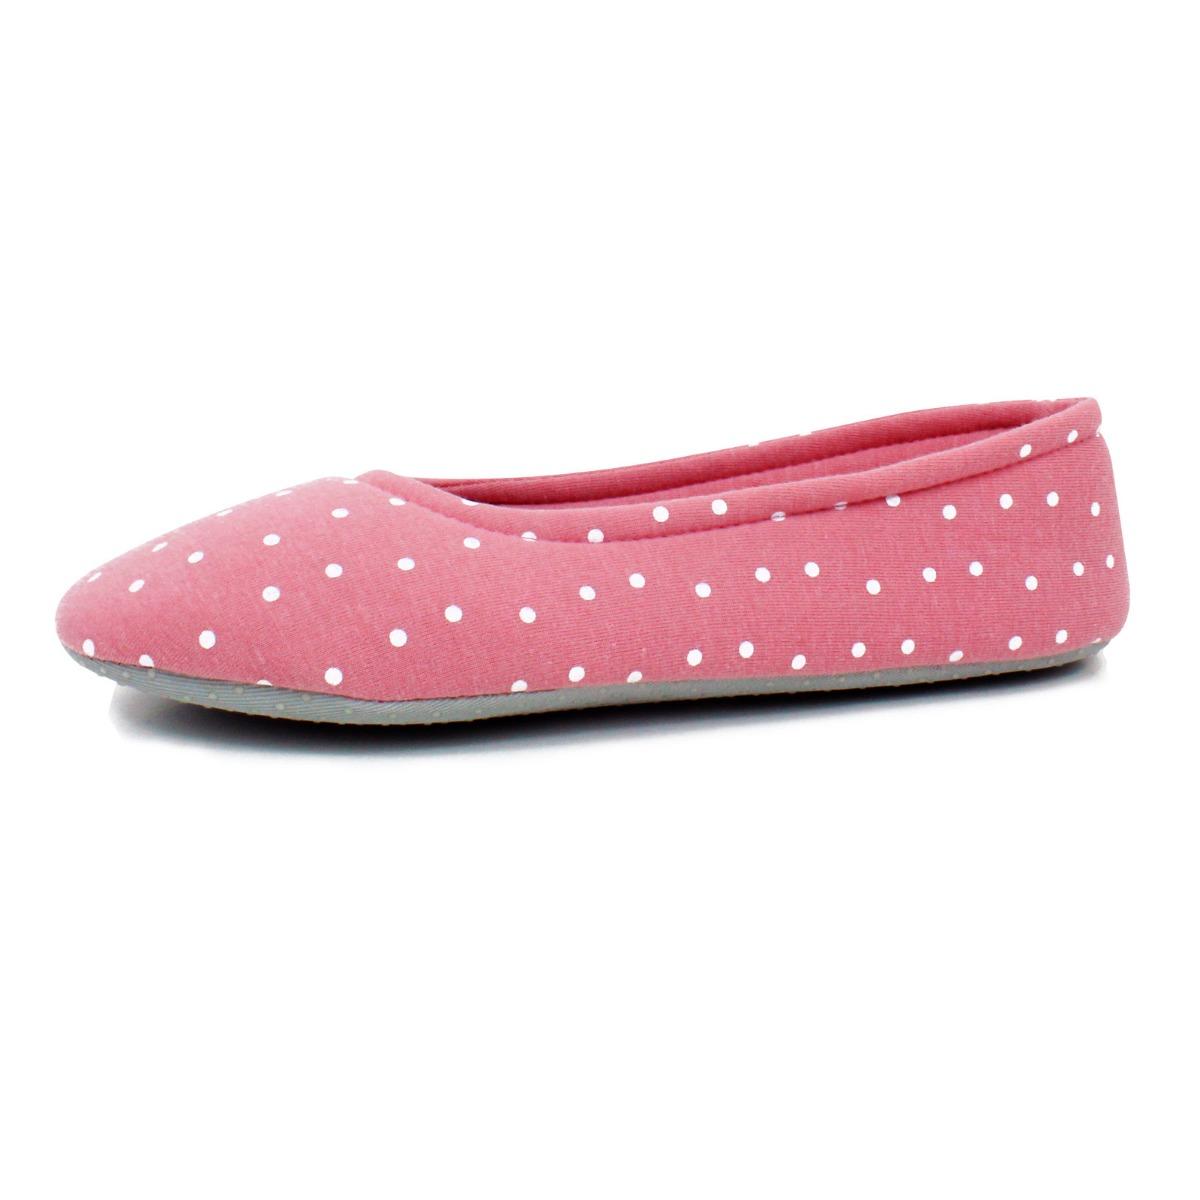 Para-mujer-Resbalon-en-Zapatos-De-Ballet-Ballerina-Tenis-Calcetines-Casa-Para-Damas-Ninas-Talla-4-8 miniatura 17